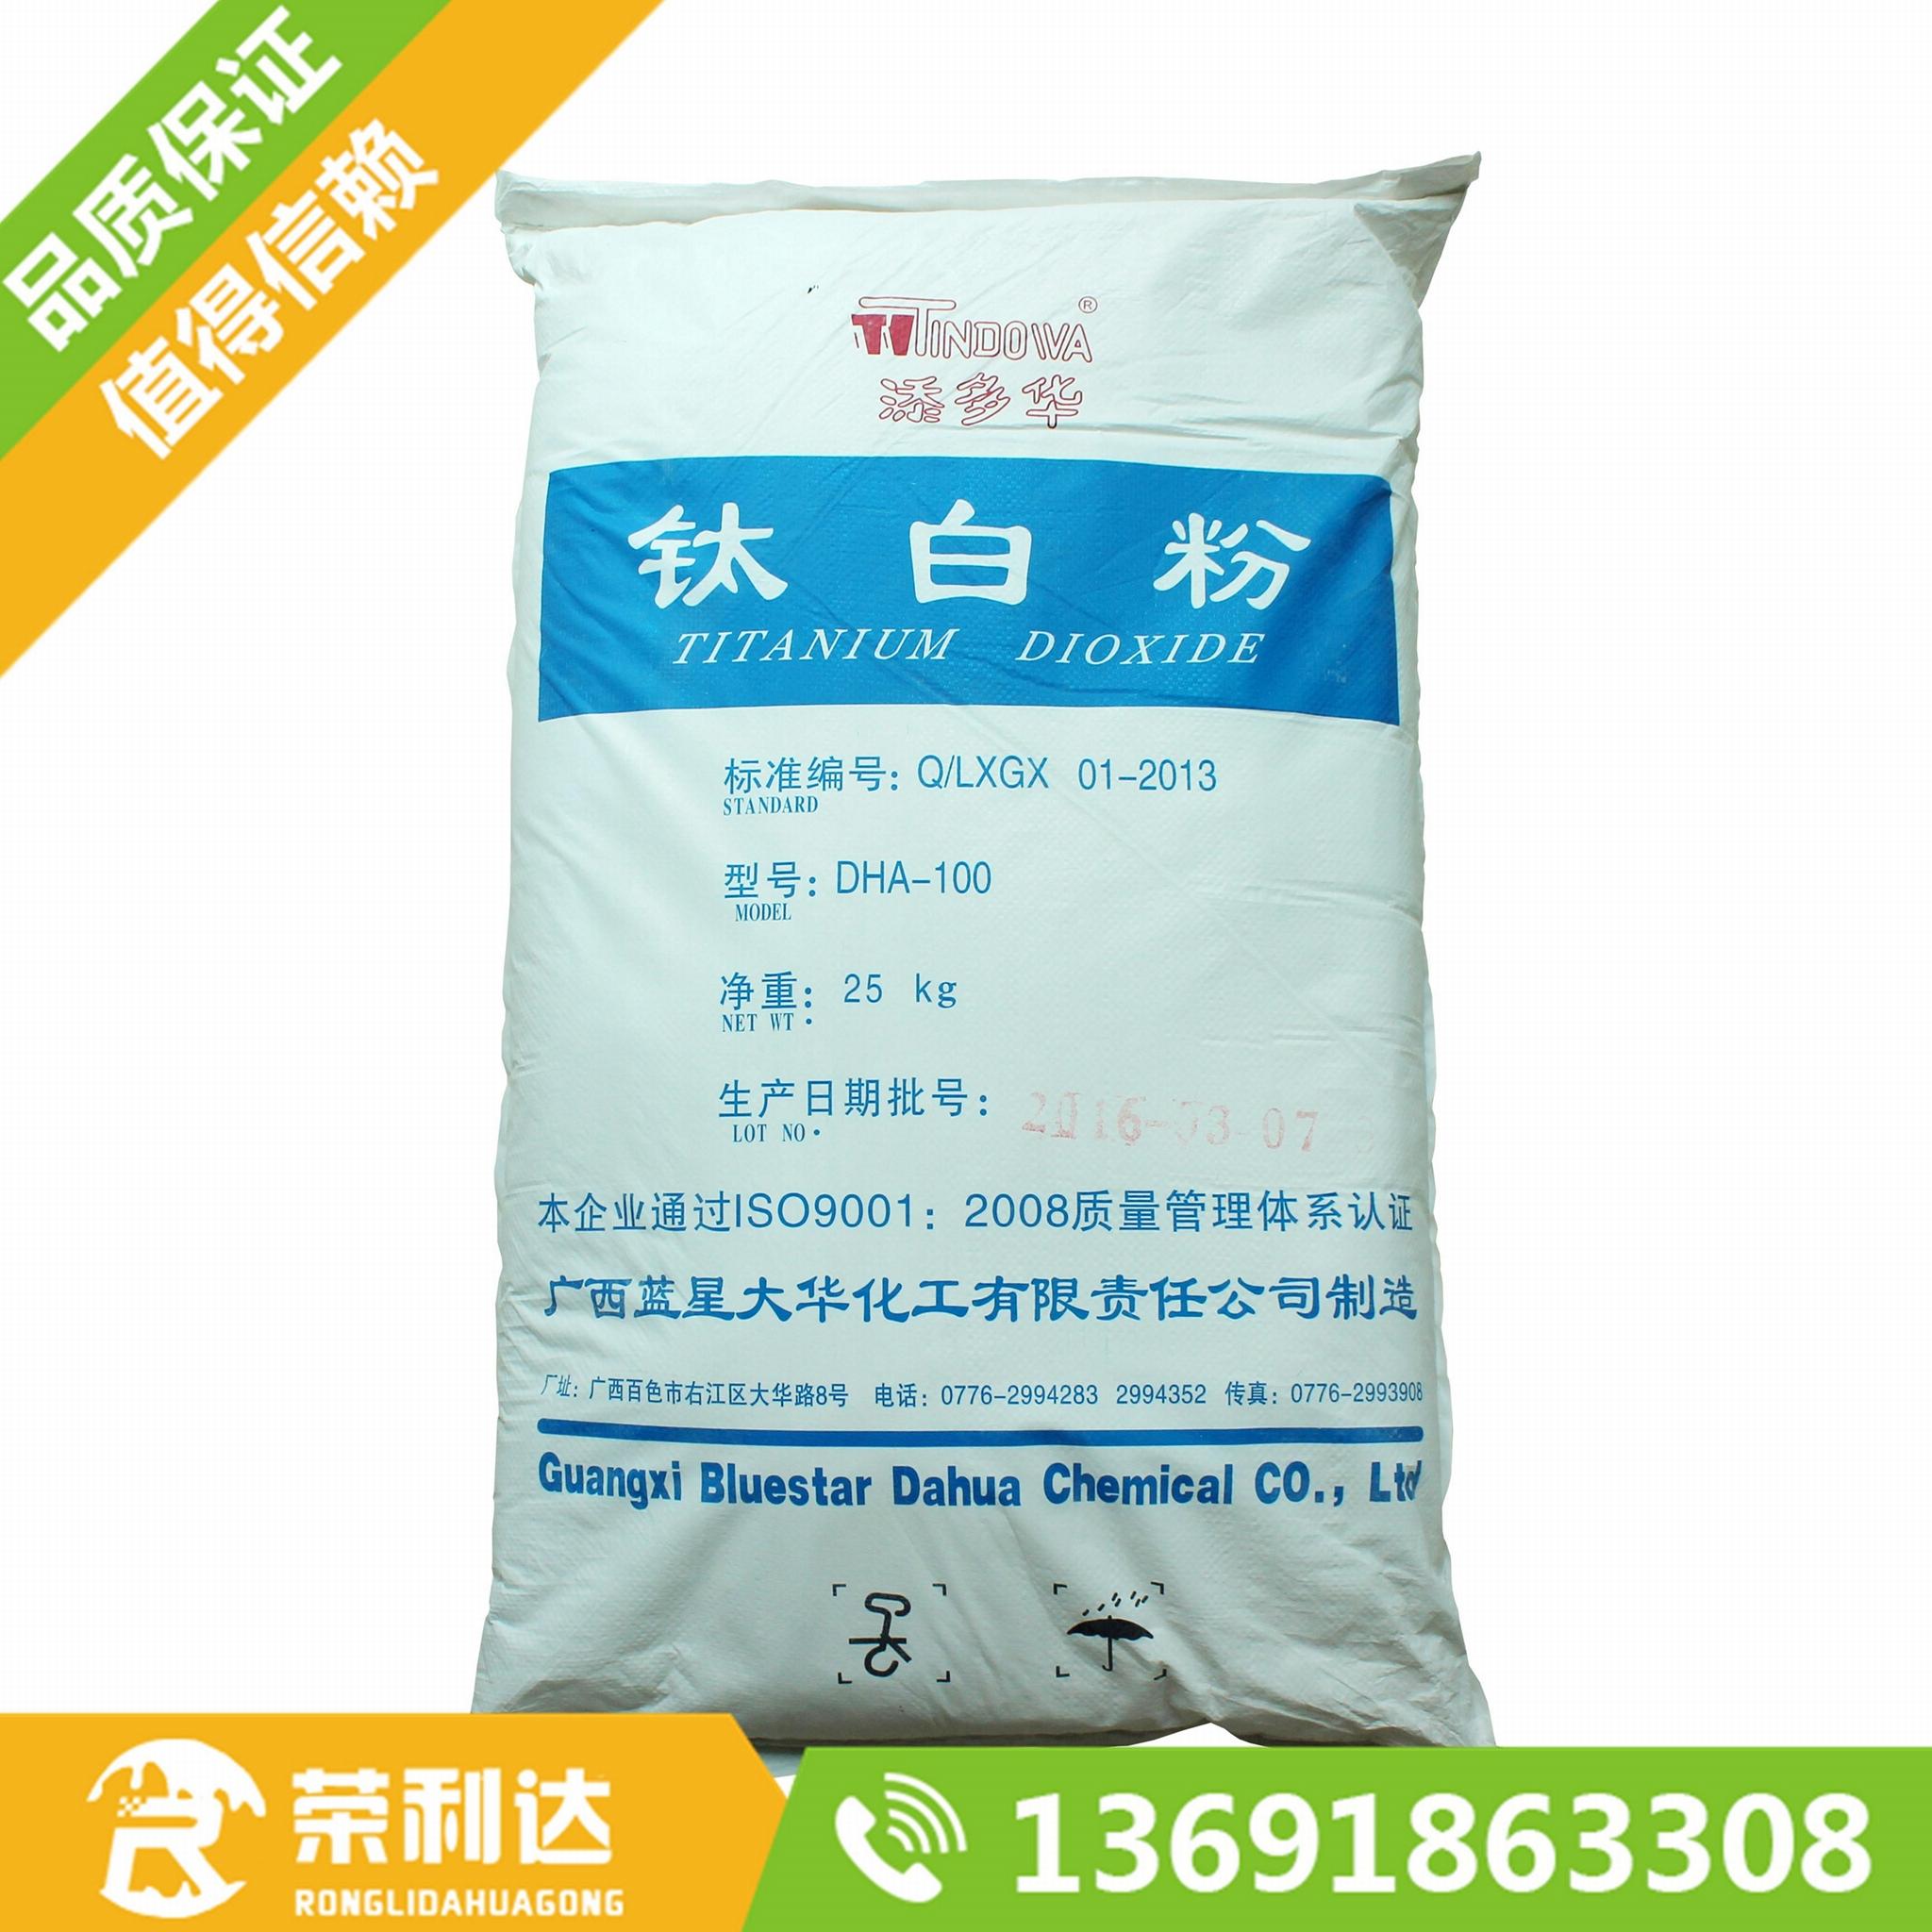 荣利达供应广西蓝星钛白粉 1